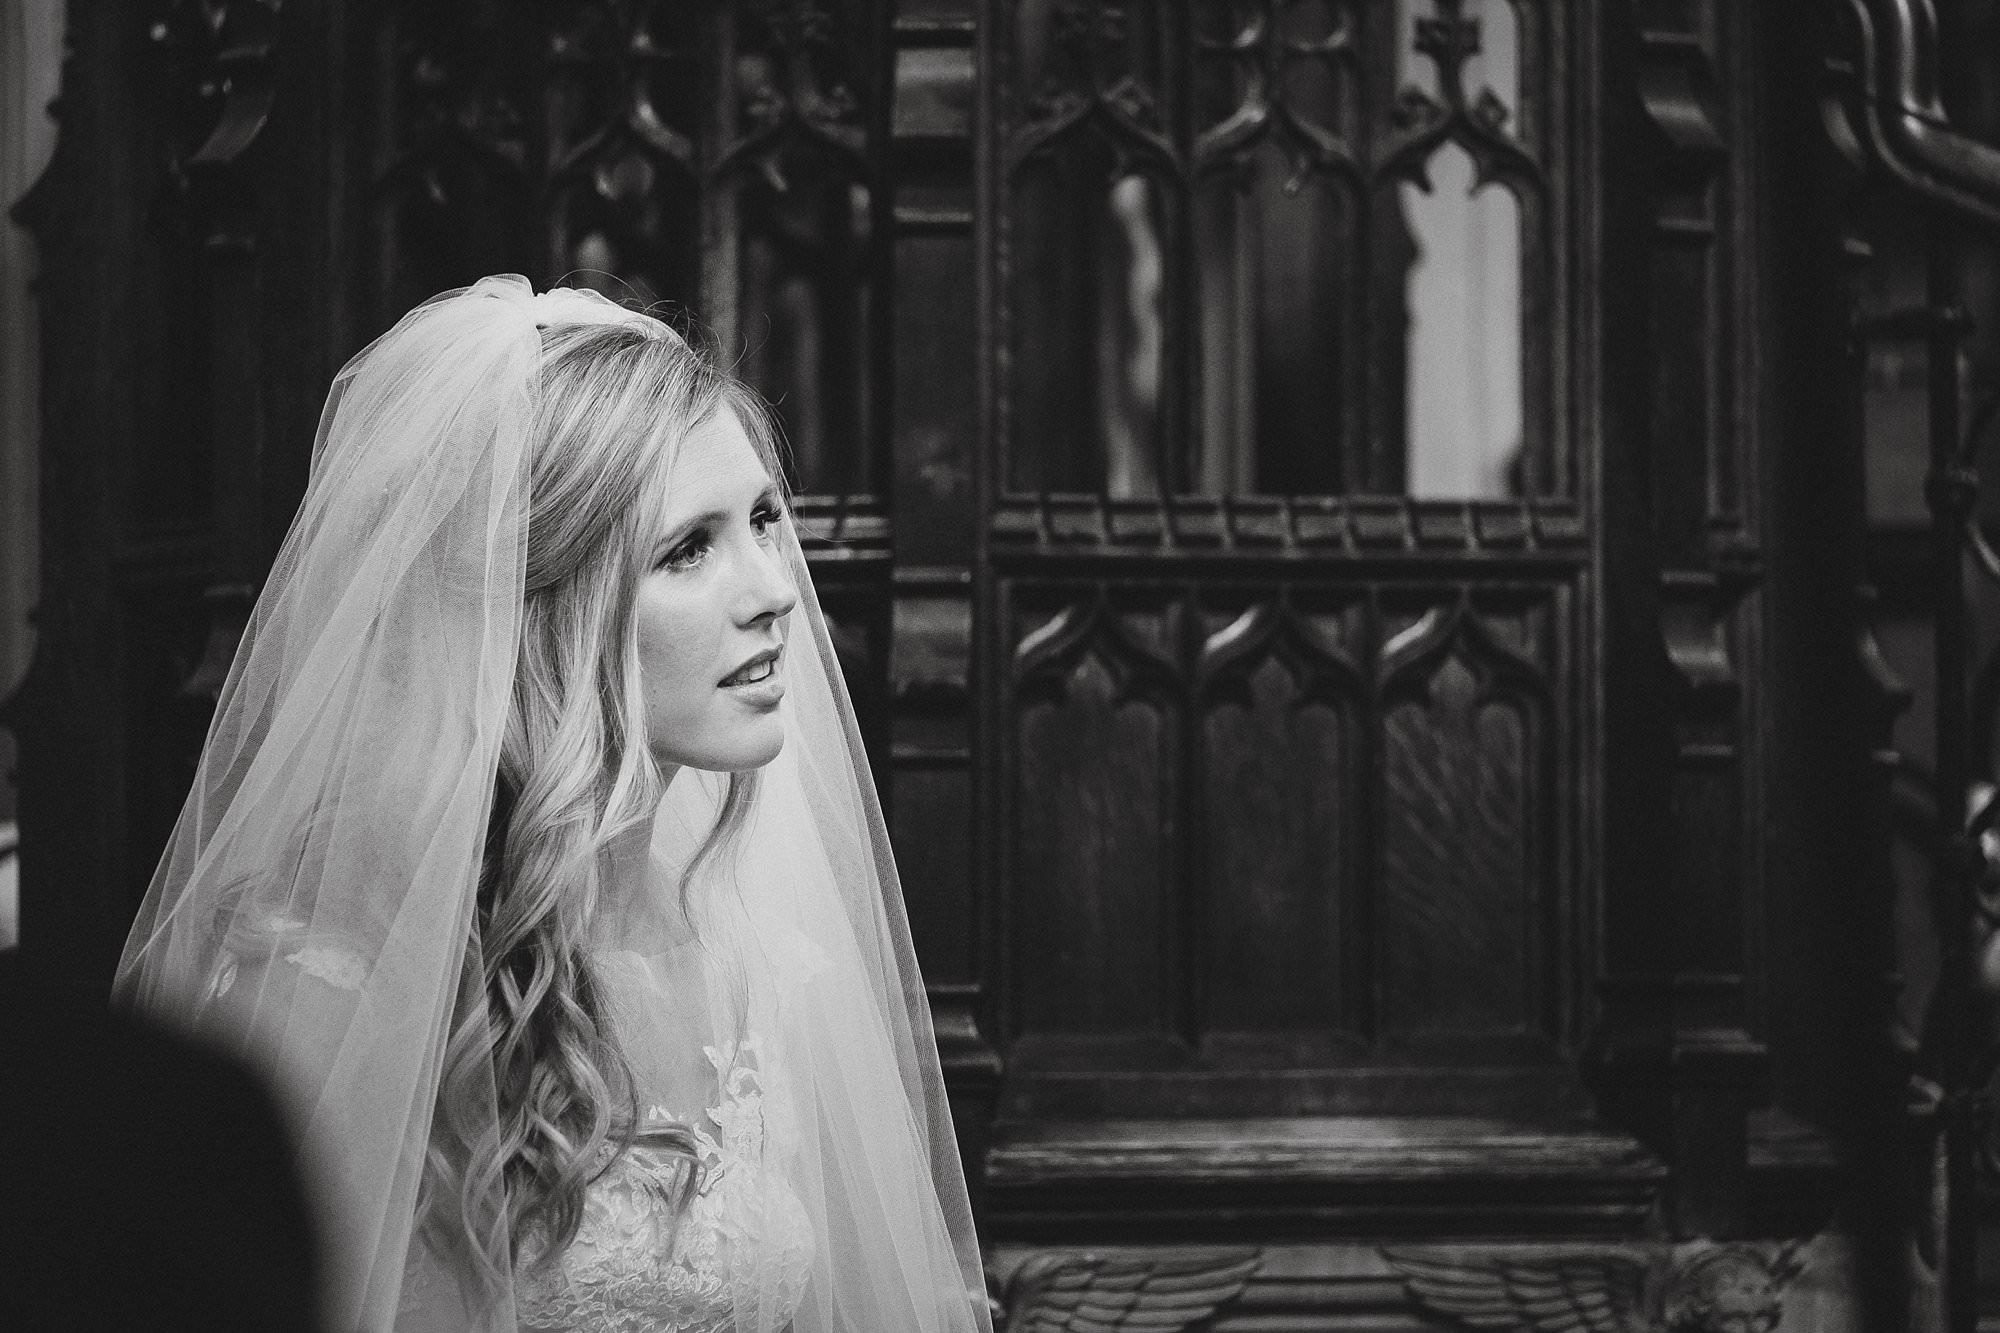 fulham palace wedding photographer 034 - Rosanna + Duncan | Fulham